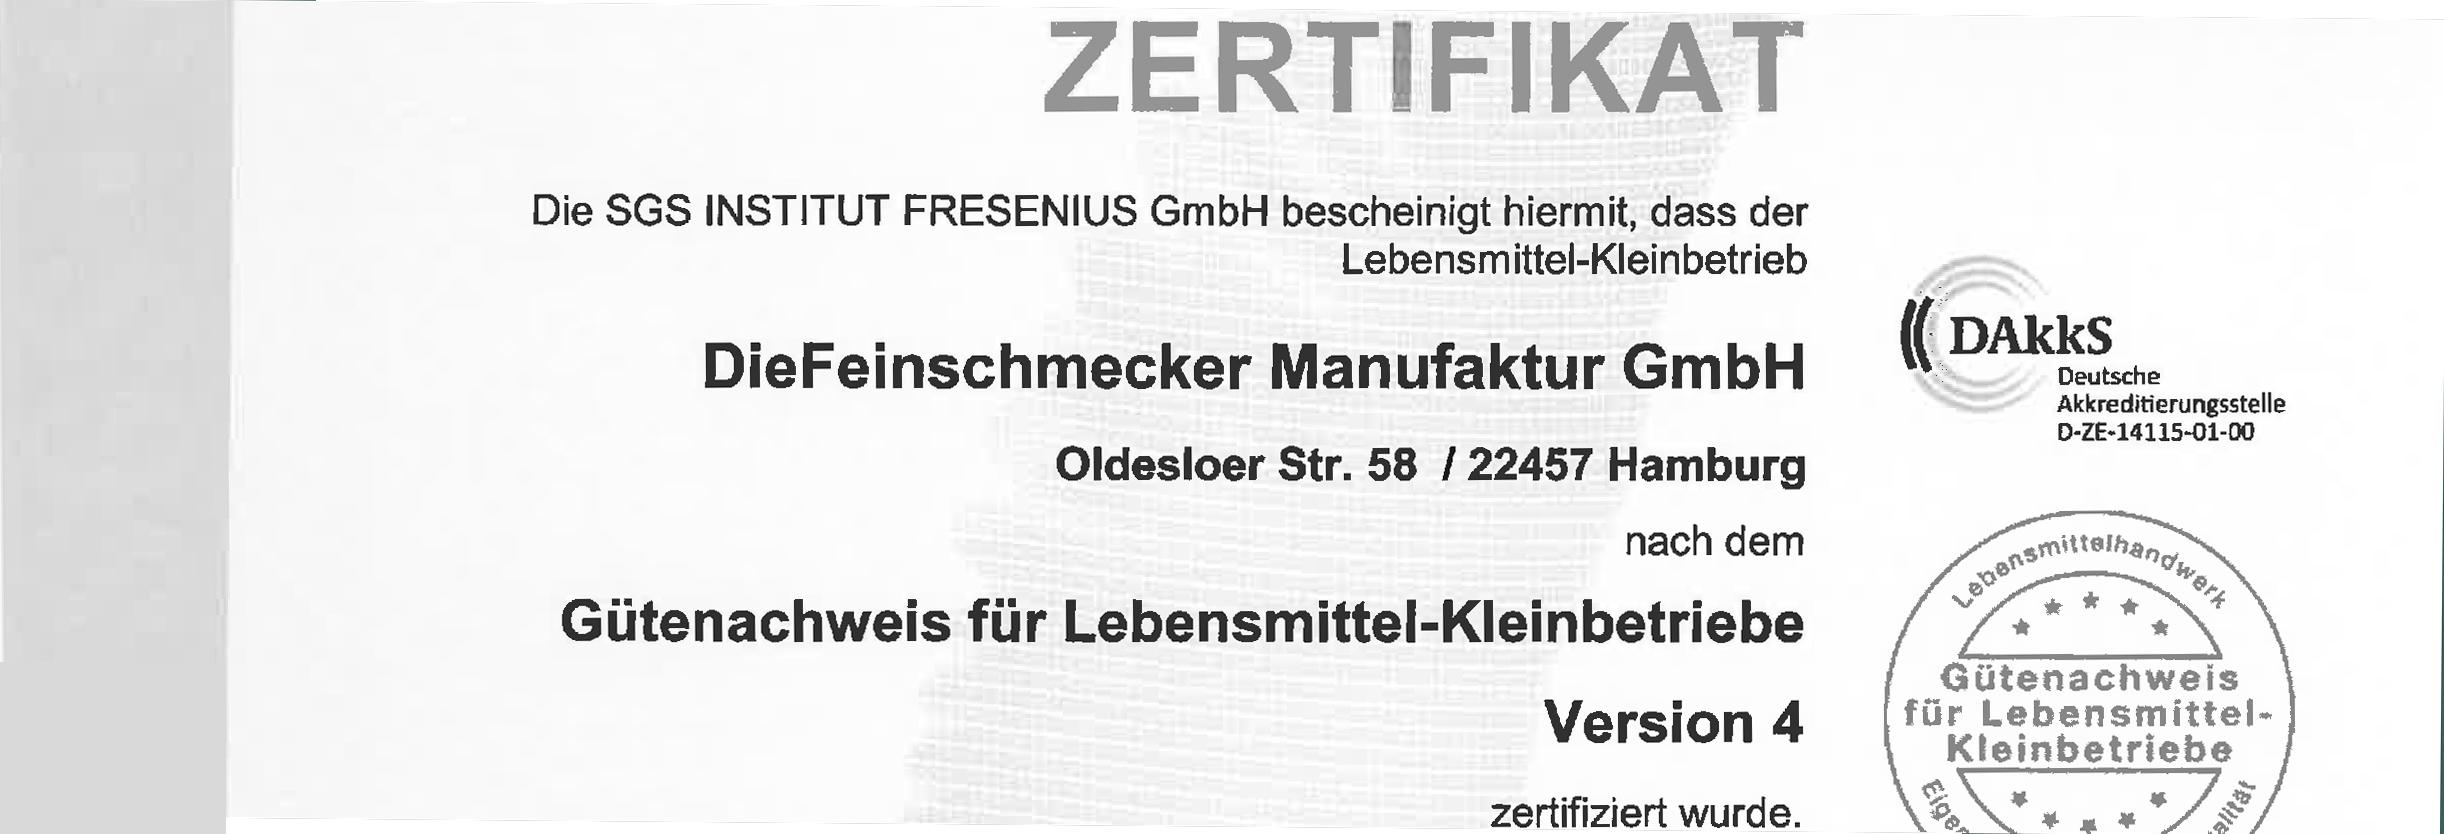 GLK Zertifizierung für DieFeinschmecker